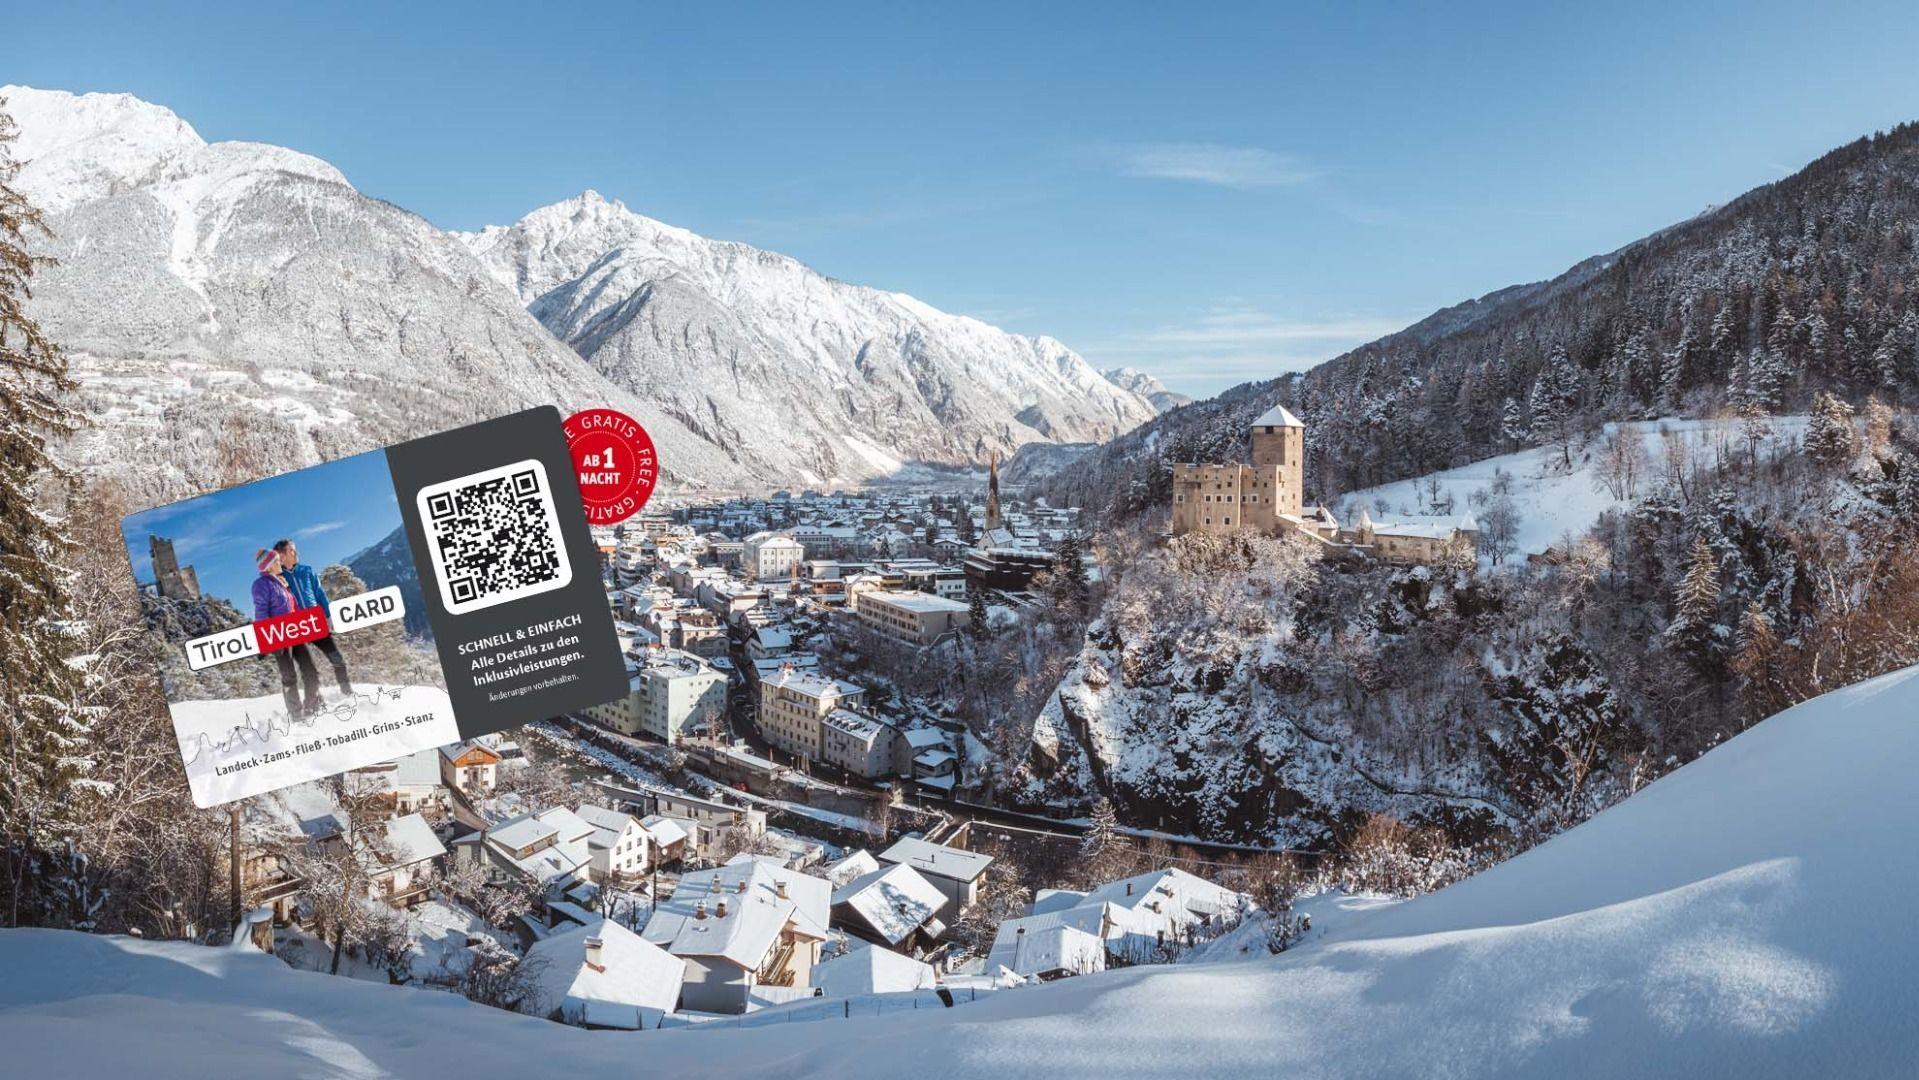 TirolWest Winter-Card